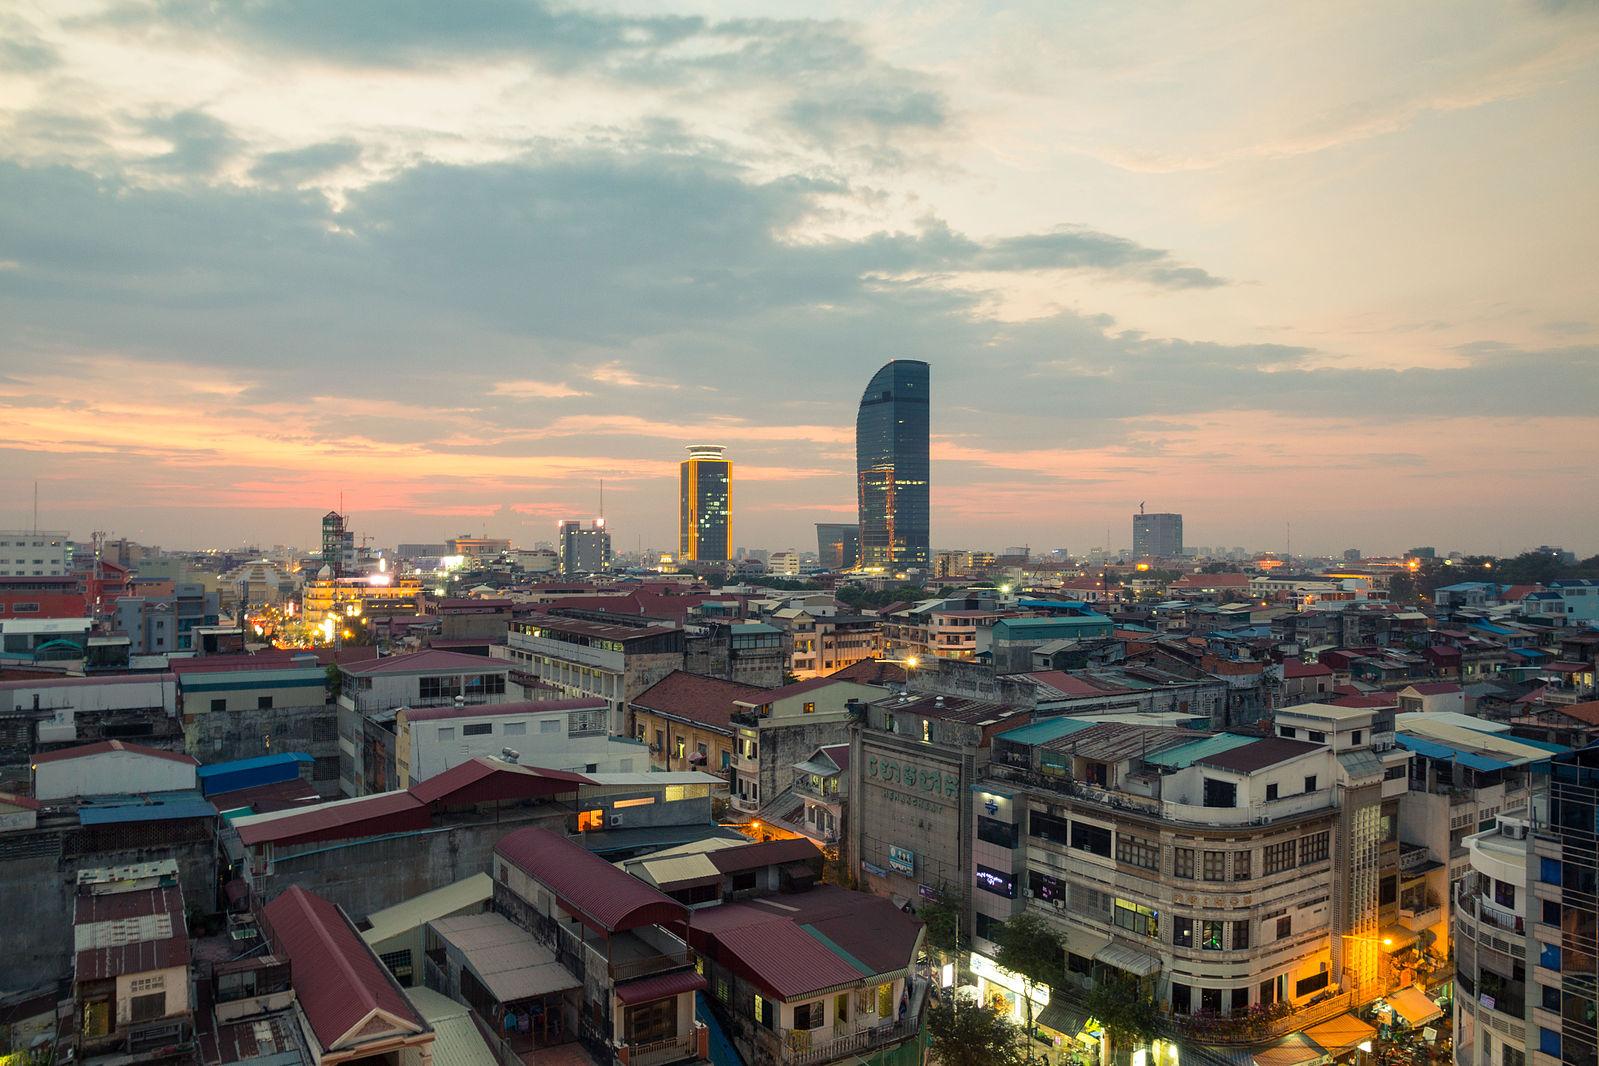 柬埔寨金边地价四年涨三倍,中国资本为重要推动力